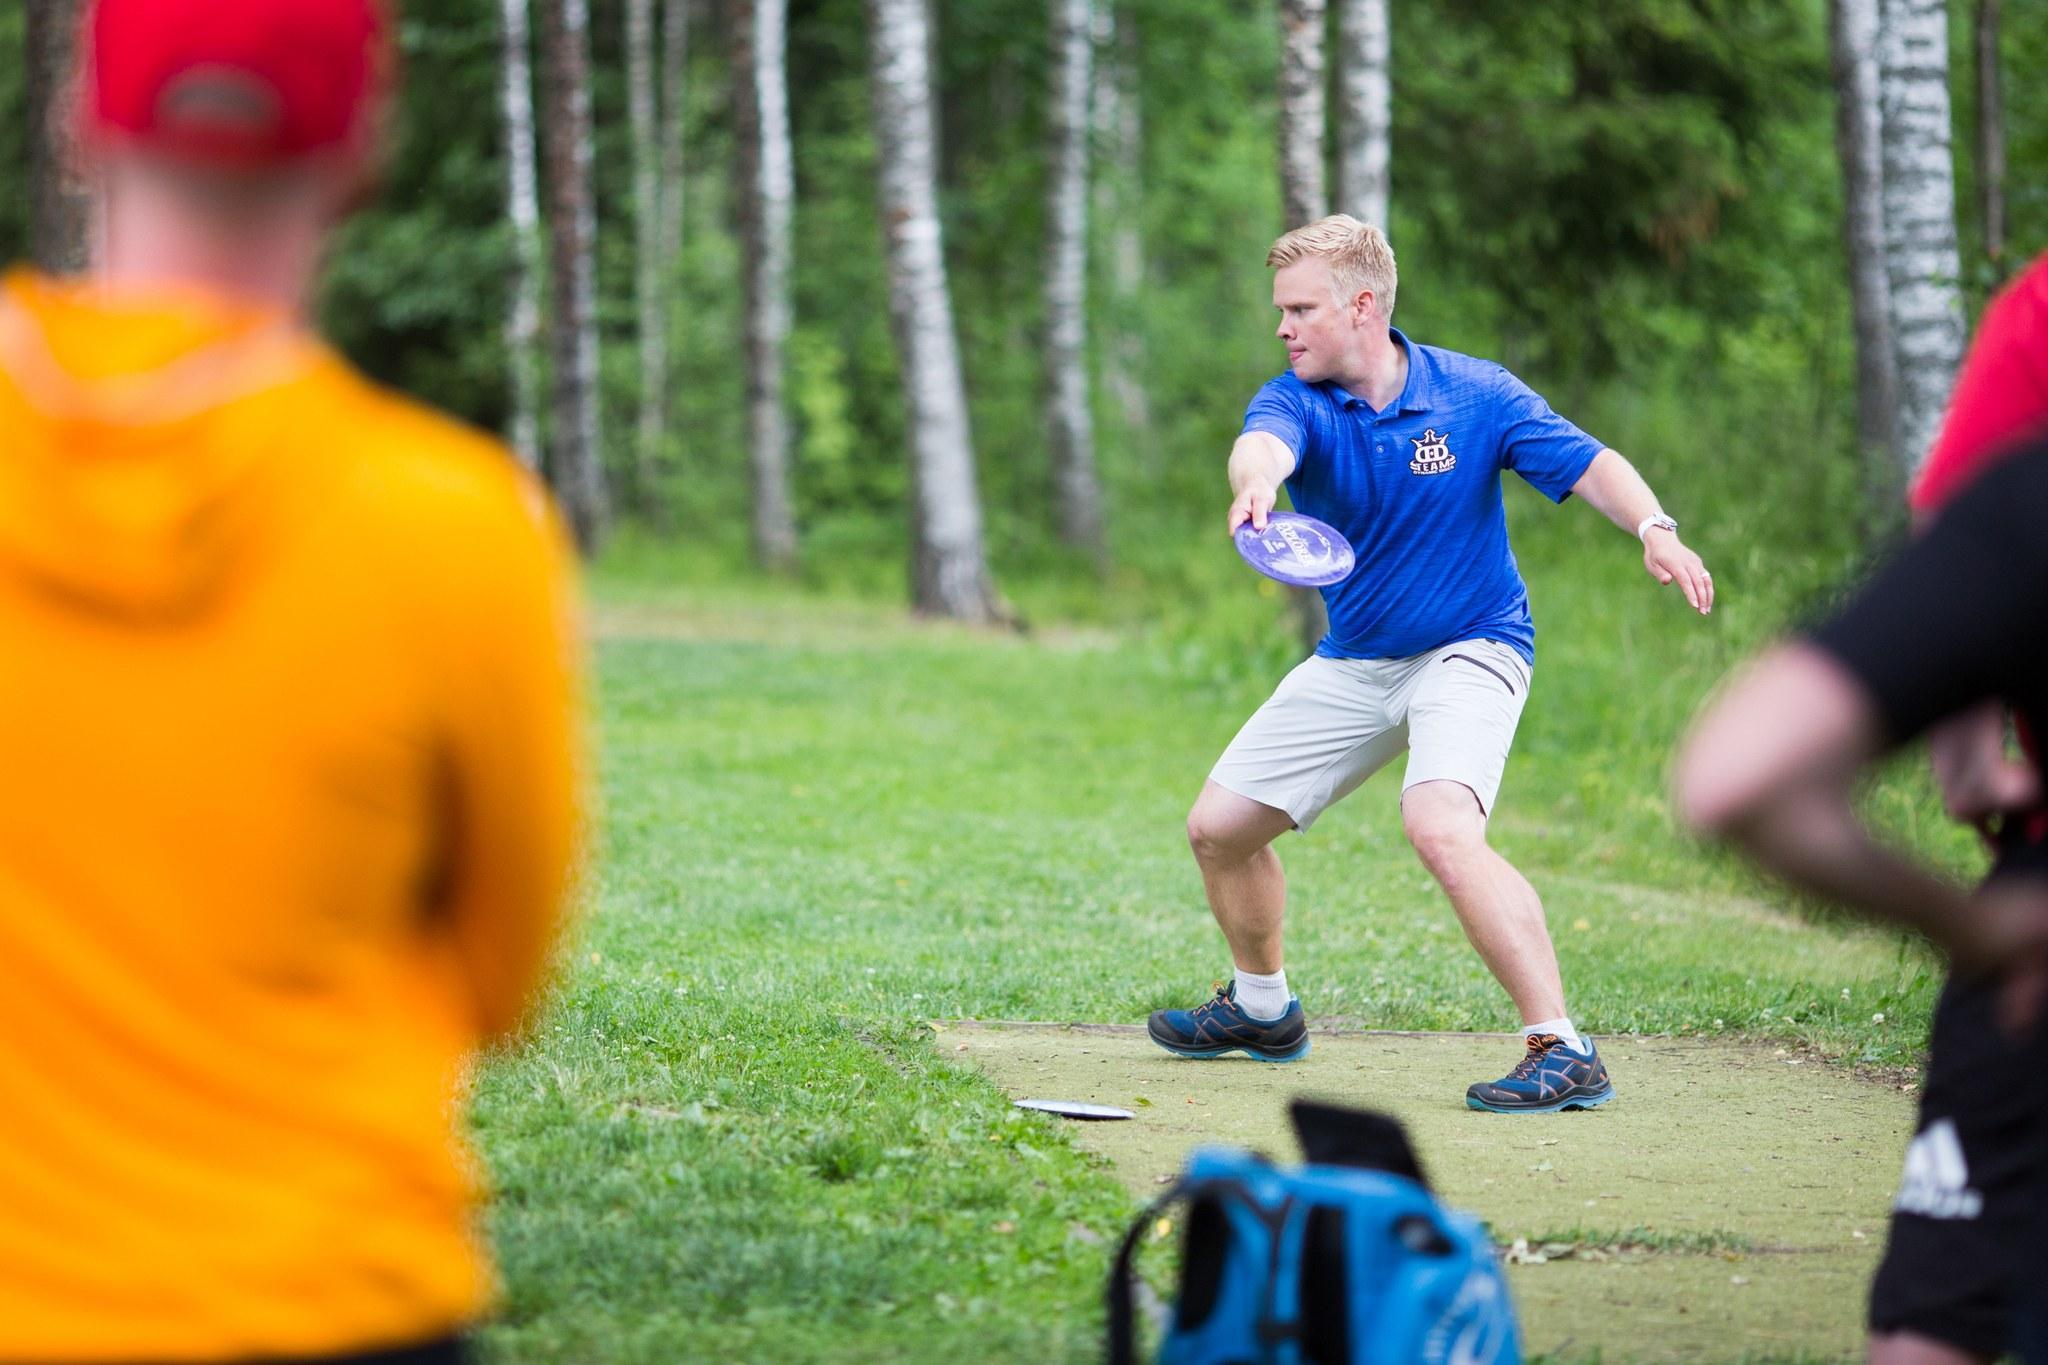 Janne Hirsimäki voitti MP40-luokan Suomen mestaruuden. Kuva: SFL / Knuutti Lehtinen